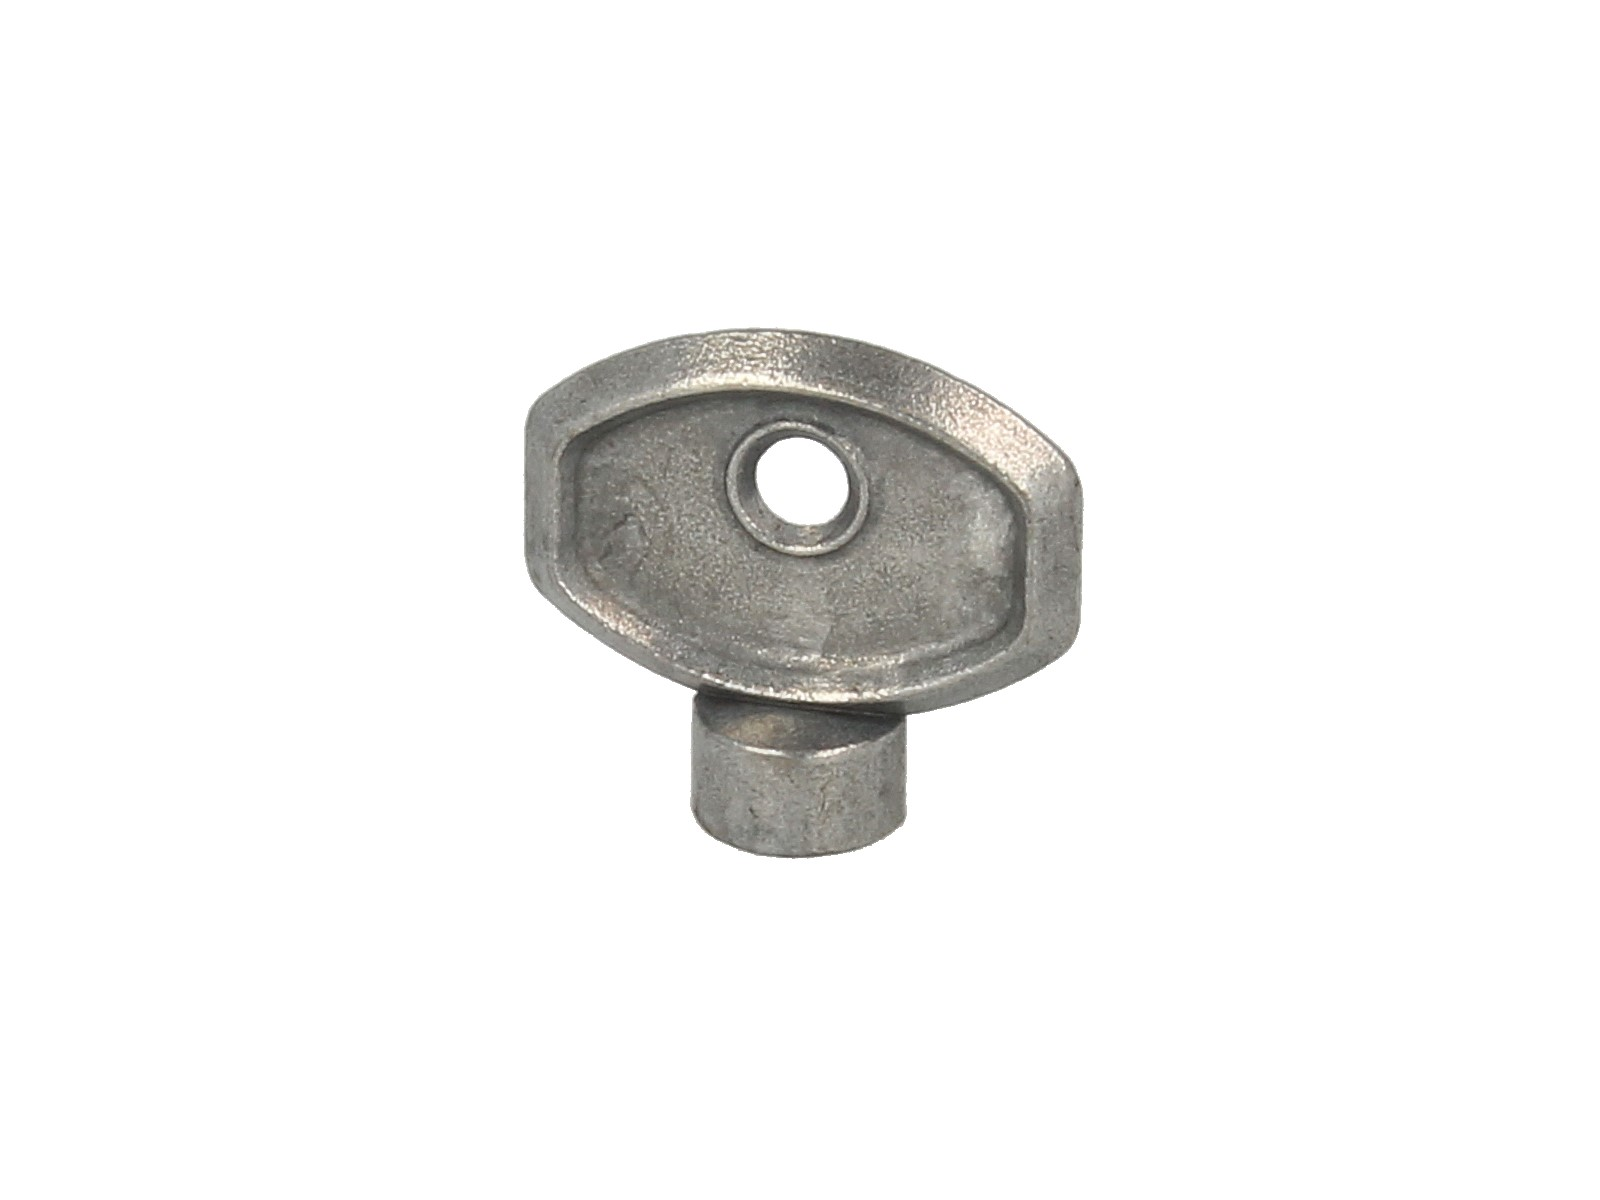 Innensechskant 135 mm Heizkörper Entlüftungsschlüssel